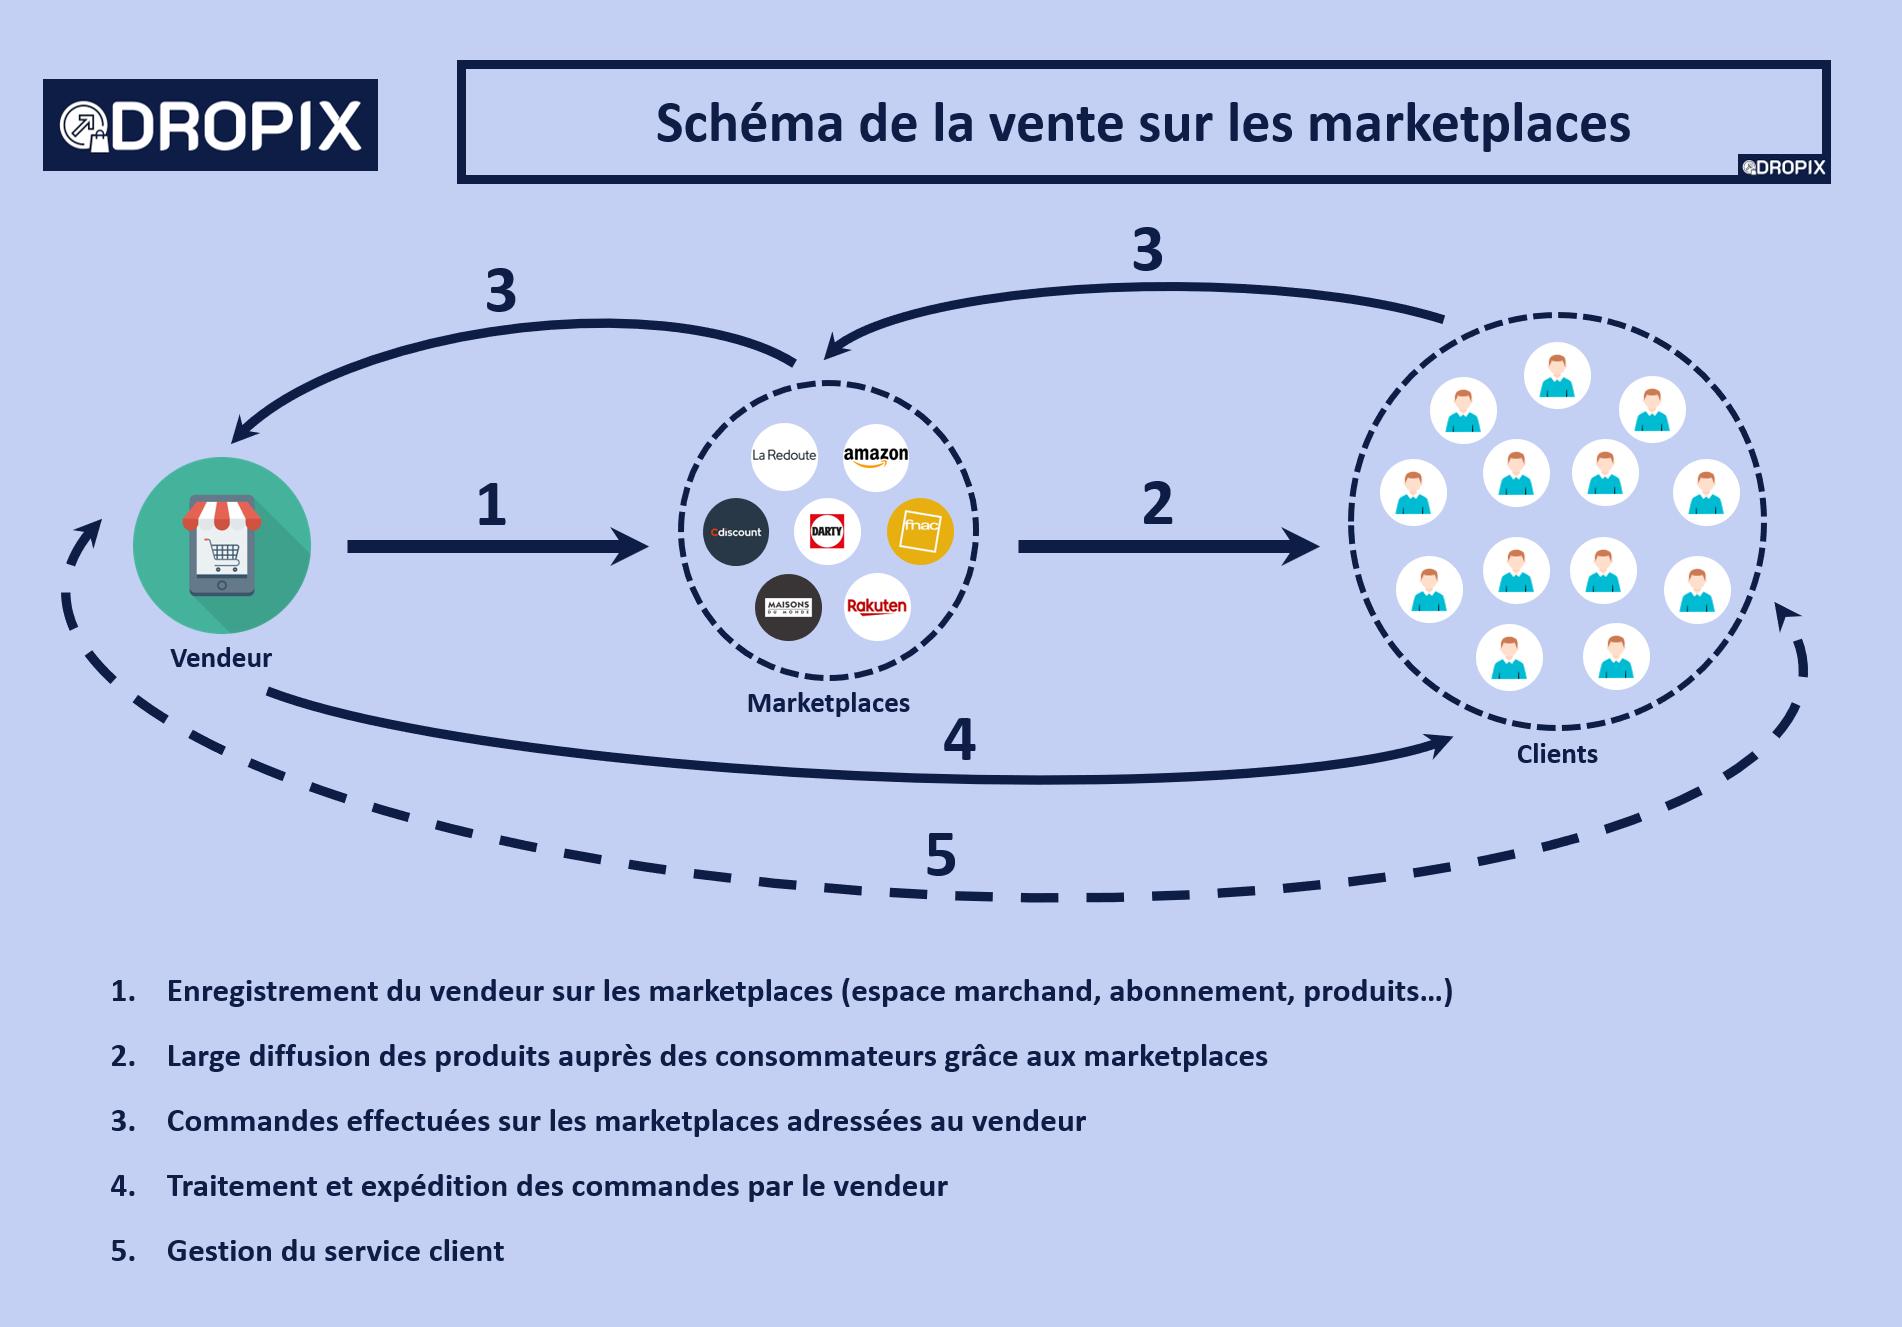 Dropix vente sur les marketplaces grâce au dropshipping livraison directe